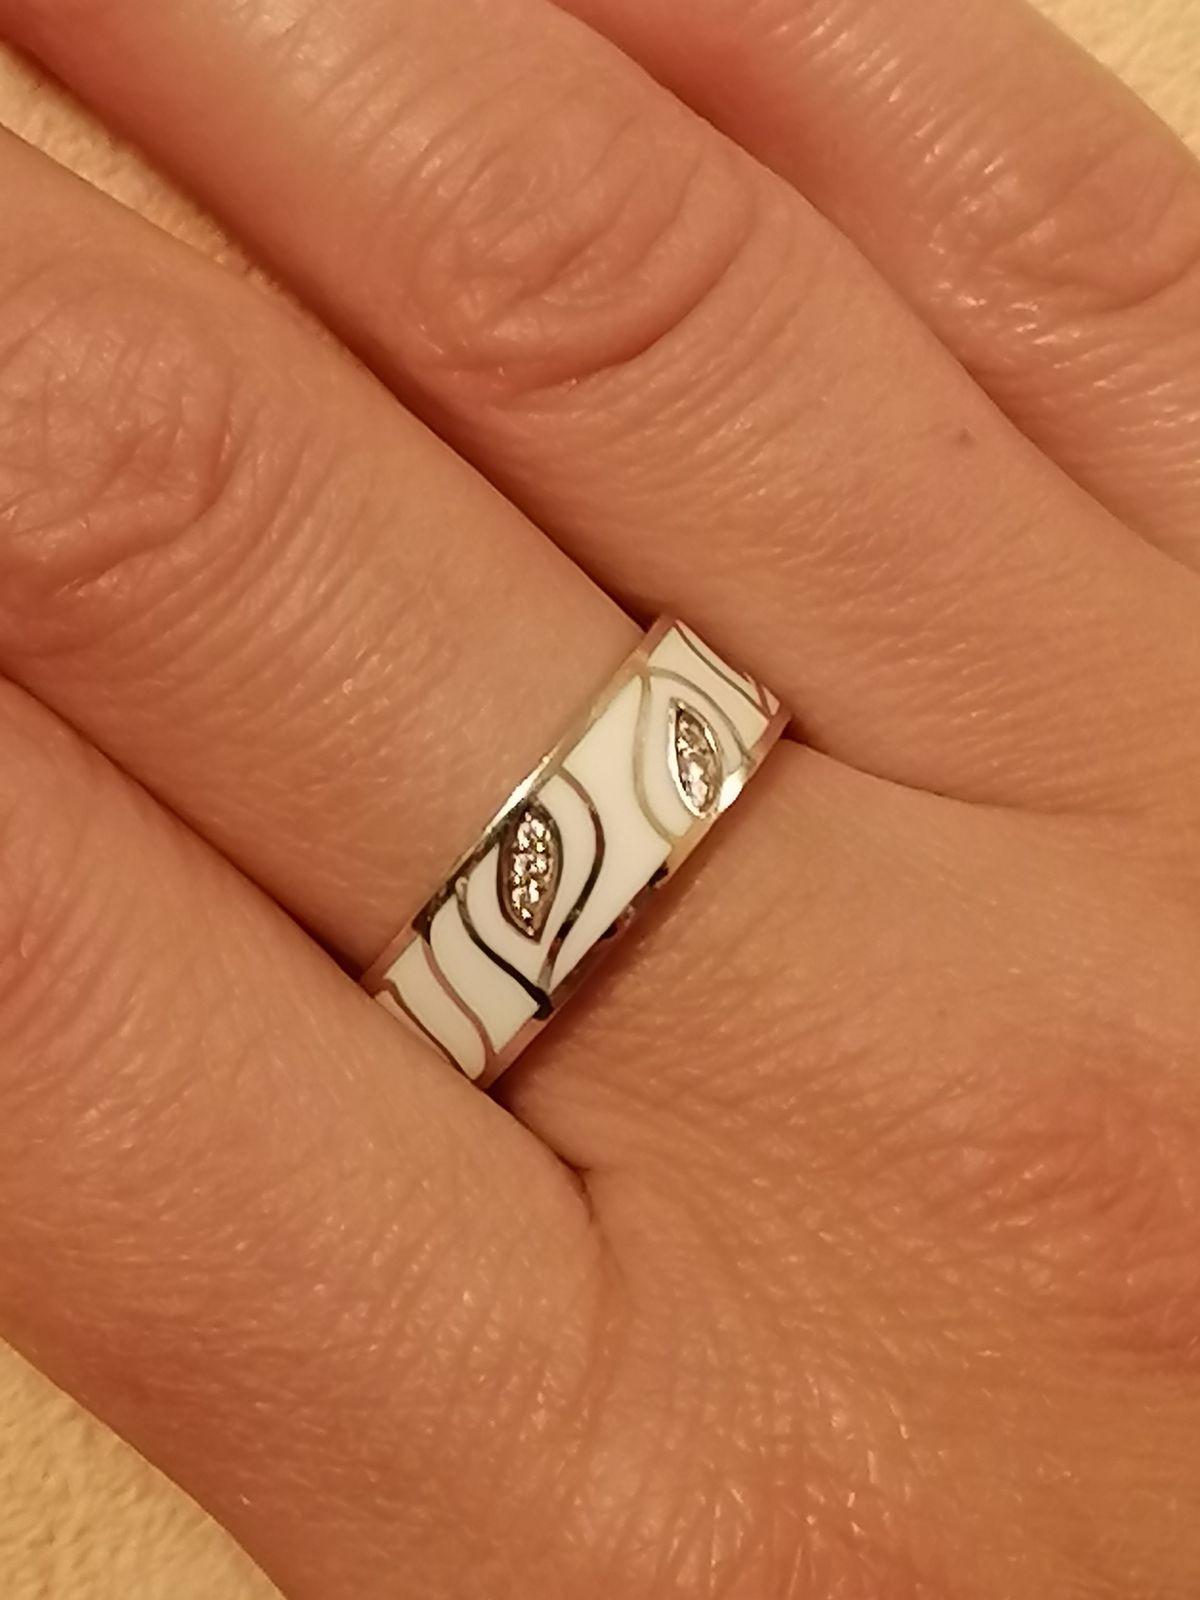 Кольцо в подарок себе любимой